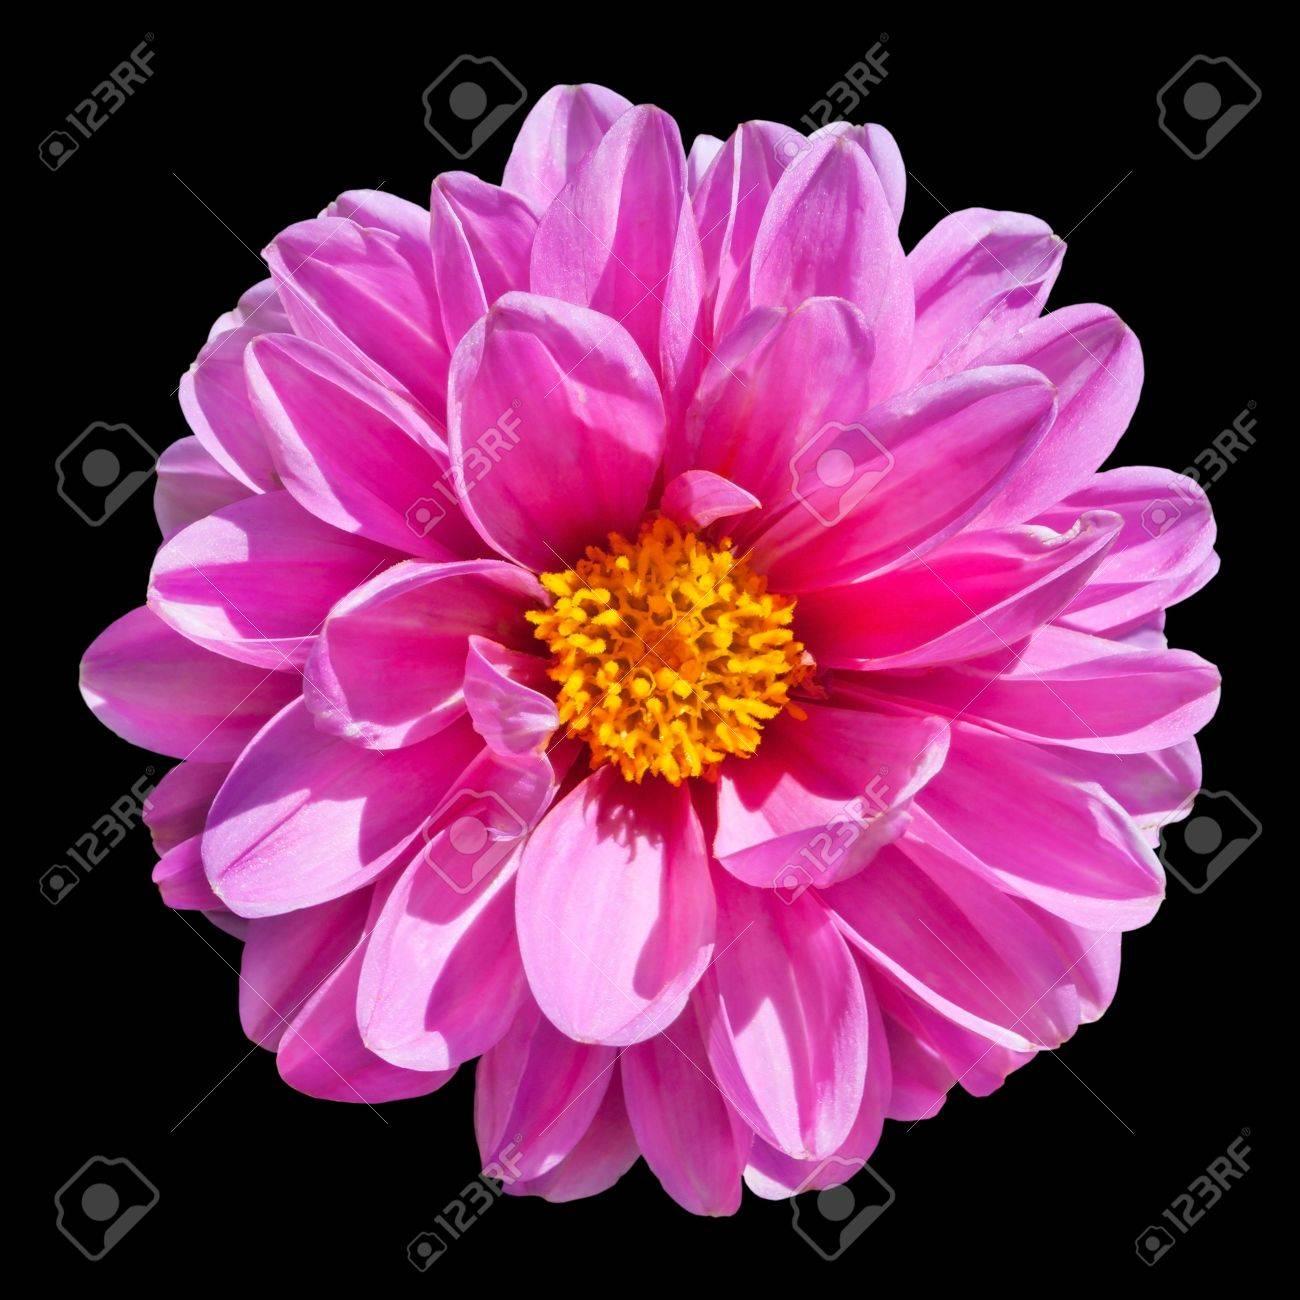 Beautiful pink dahlia flower with yellow center isolated on stock beautiful pink dahlia flower with yellow center isolated on black background stock photo 7877260 mightylinksfo